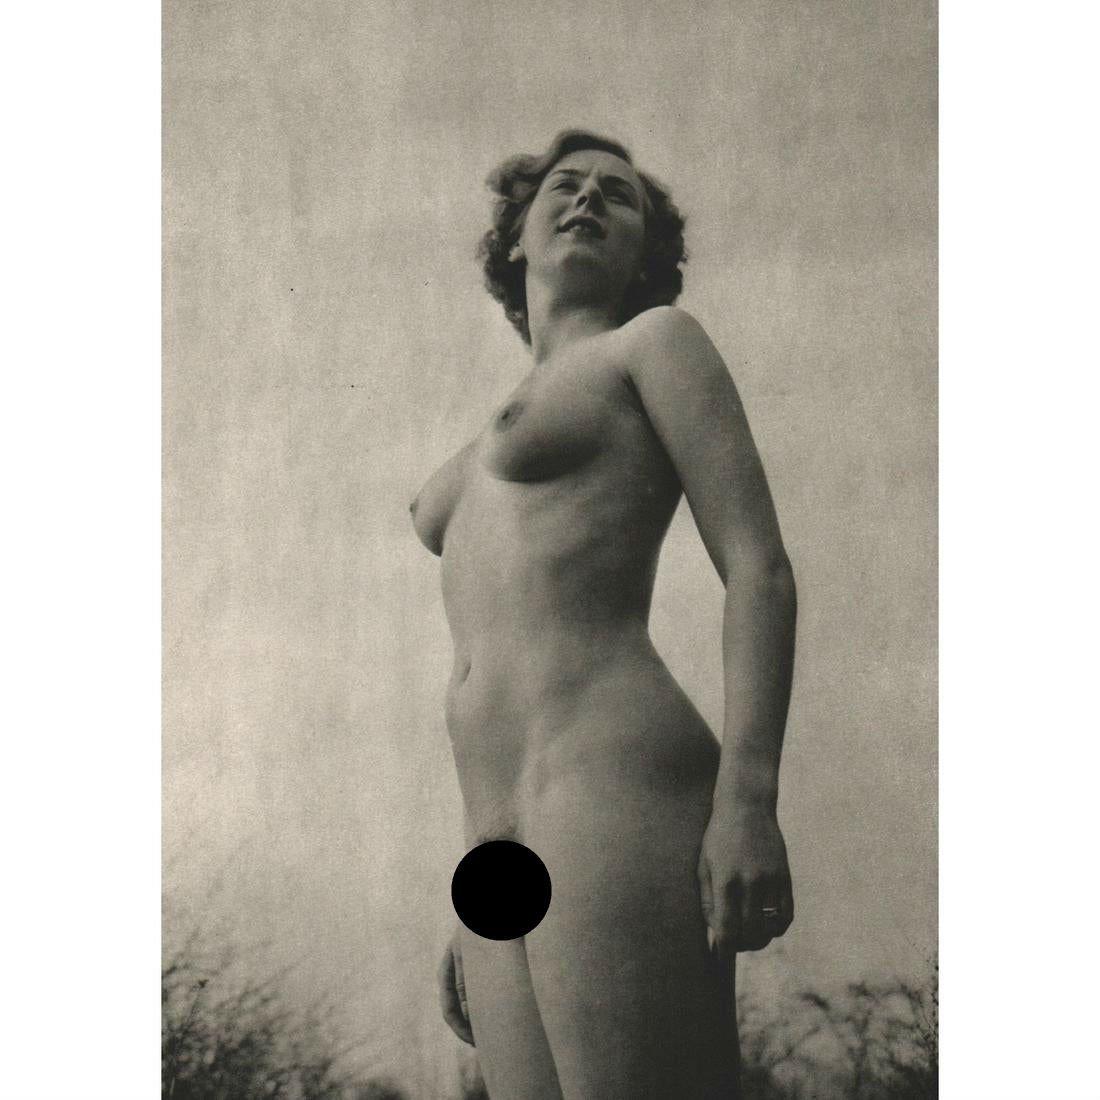 COLIN R. CLARK - Nude